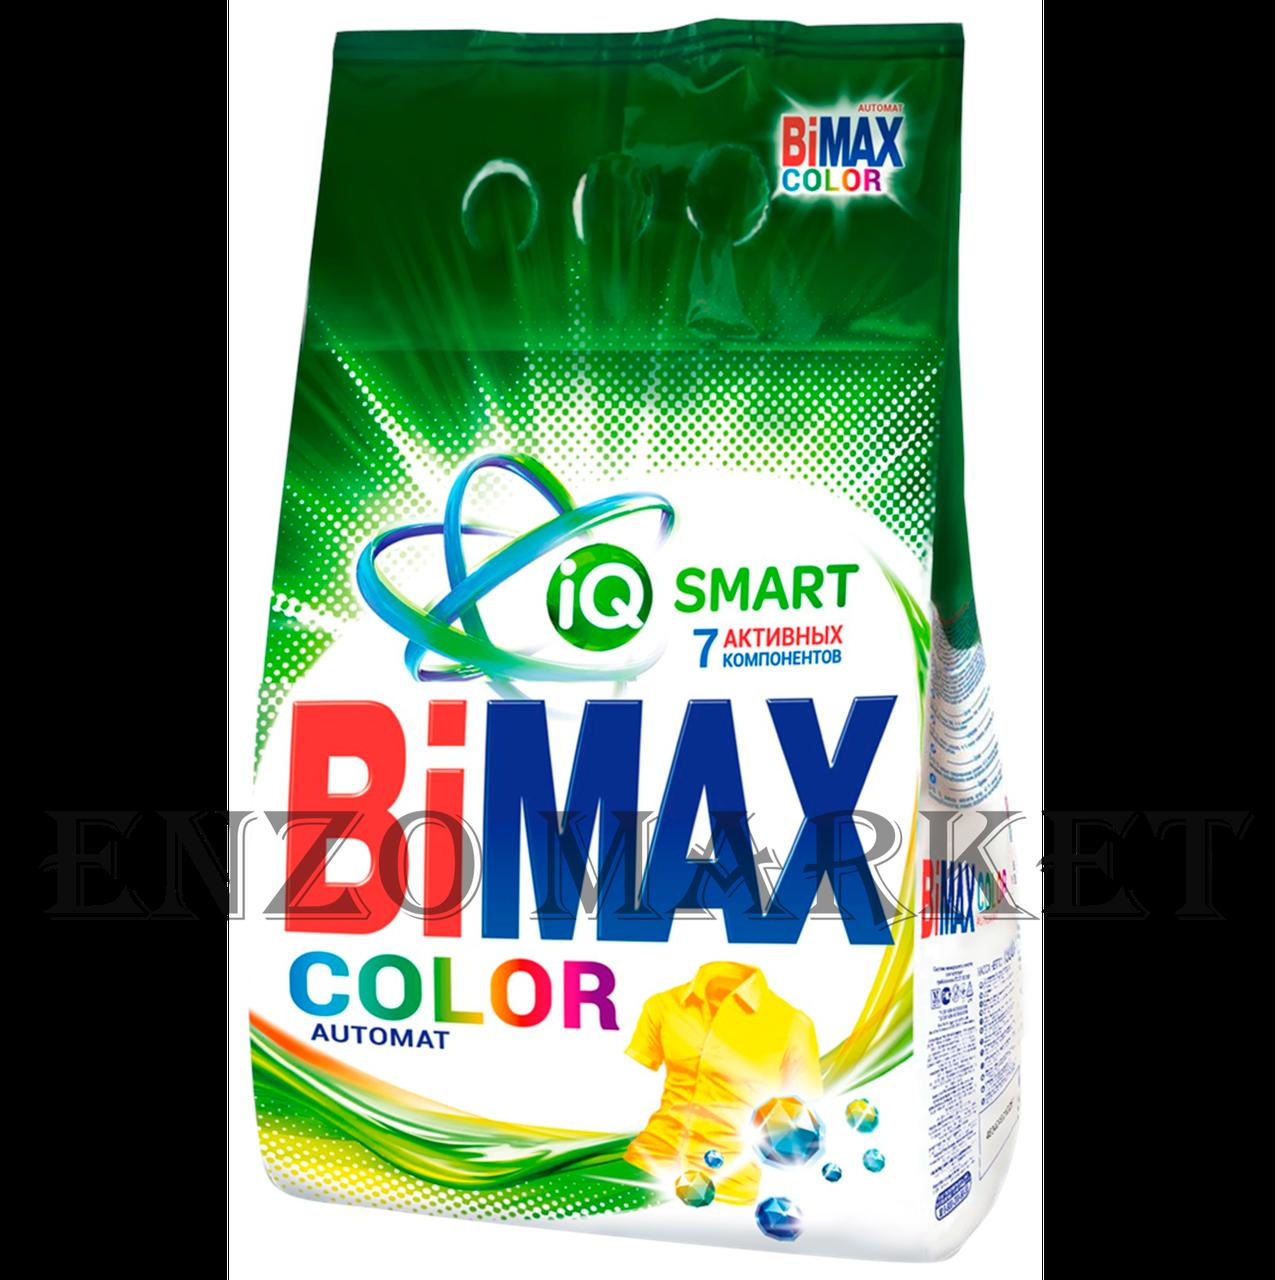 Стиральный порошок BiMax Color Автомат м/у, 3 кг